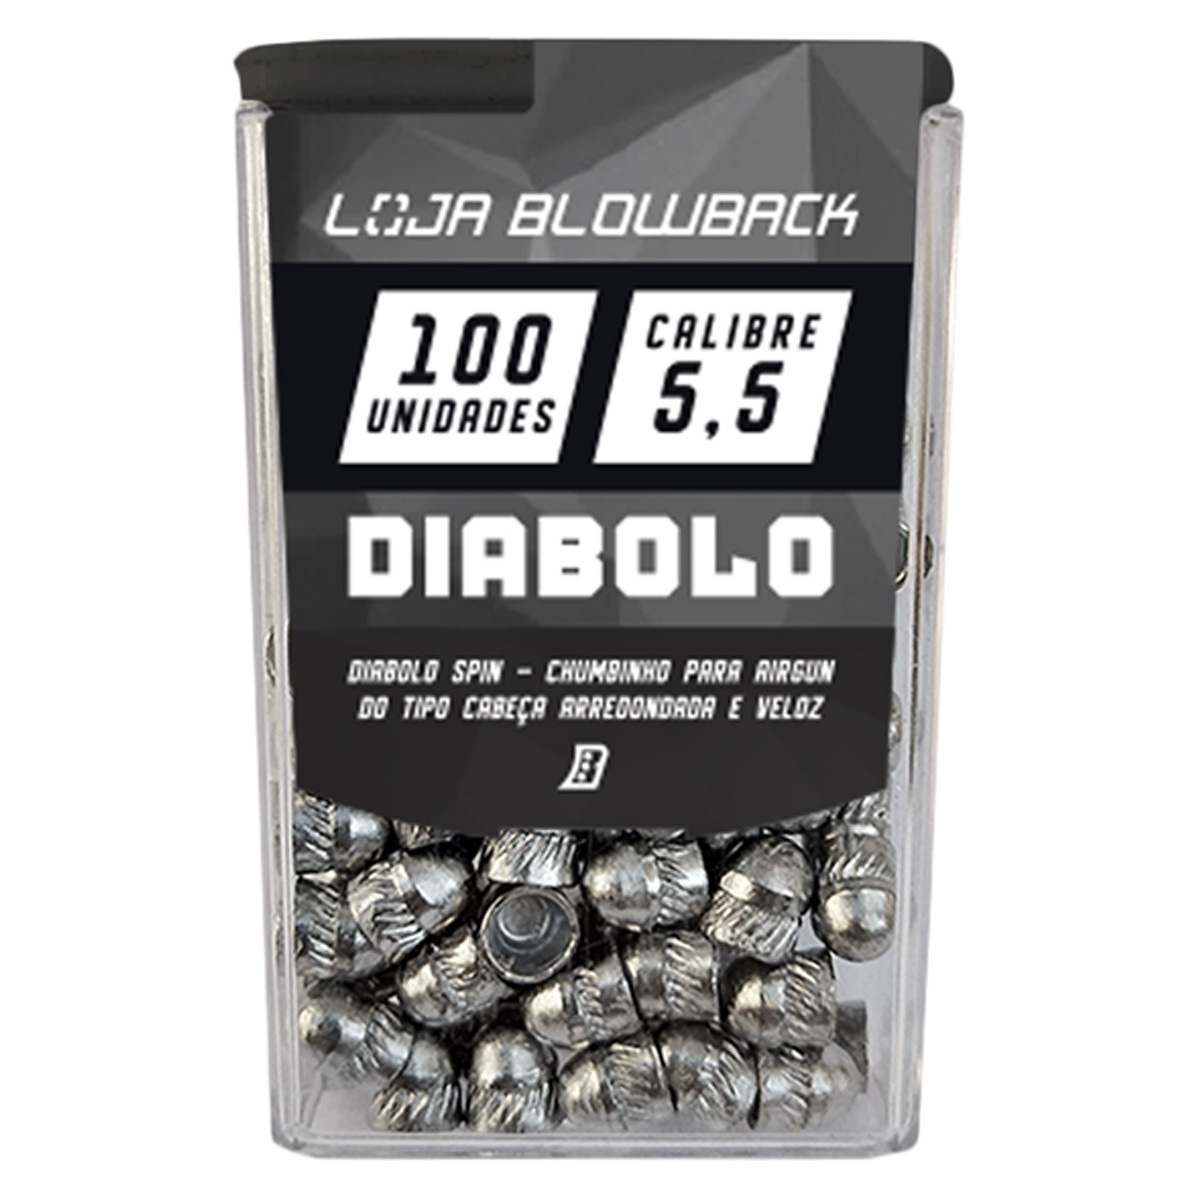 1 Pack de Chumbinho Diabolo 5,5mm Chumbo Paulista P/ Carabinas Pressão